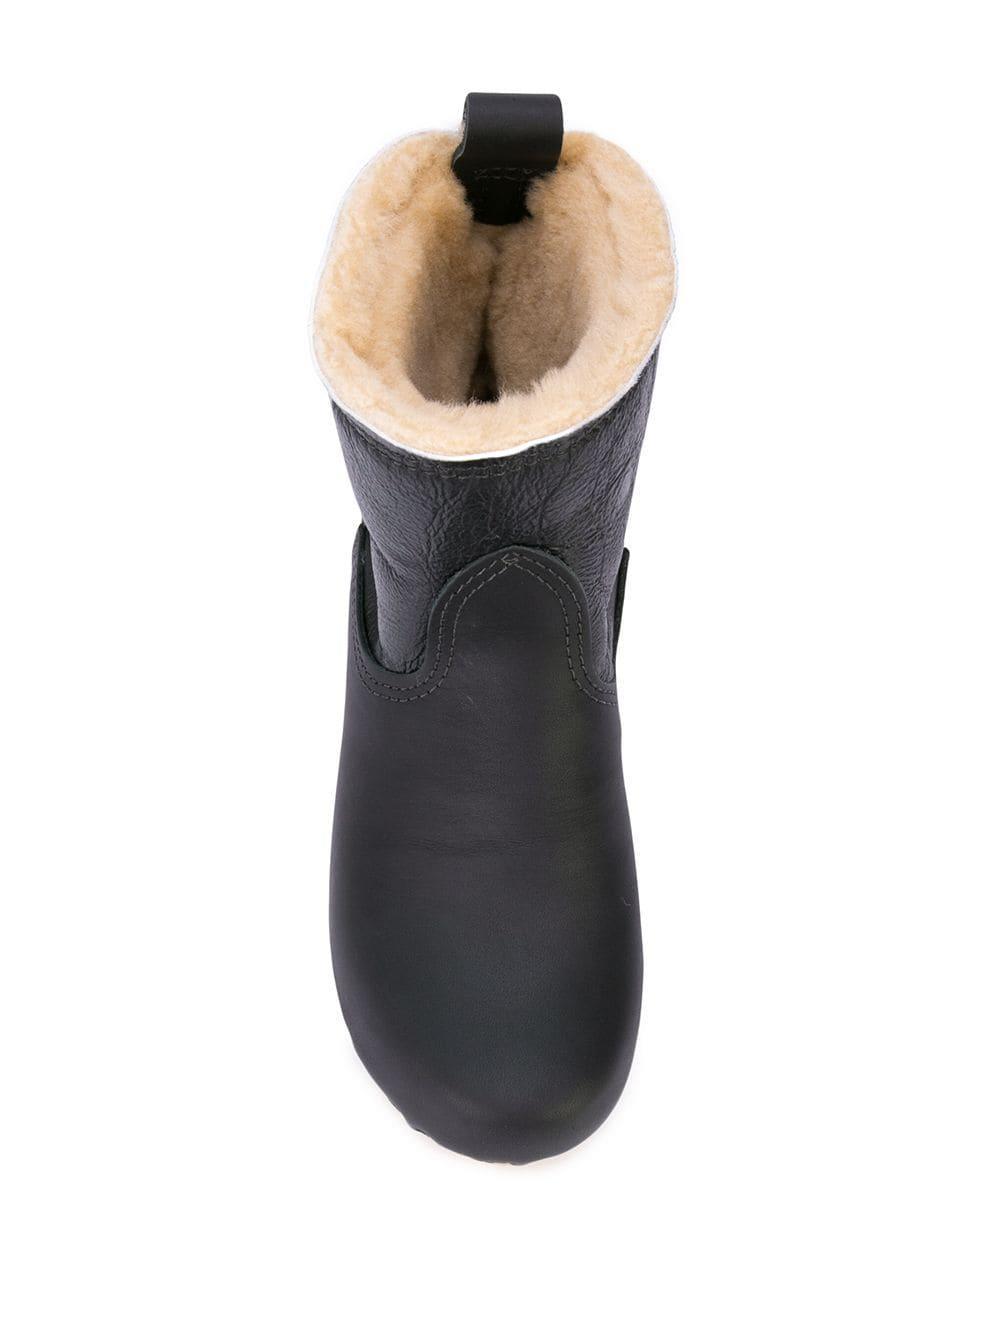 Botas estilo pull-on con forro de borrego No. 6 de Cuero de color Negro